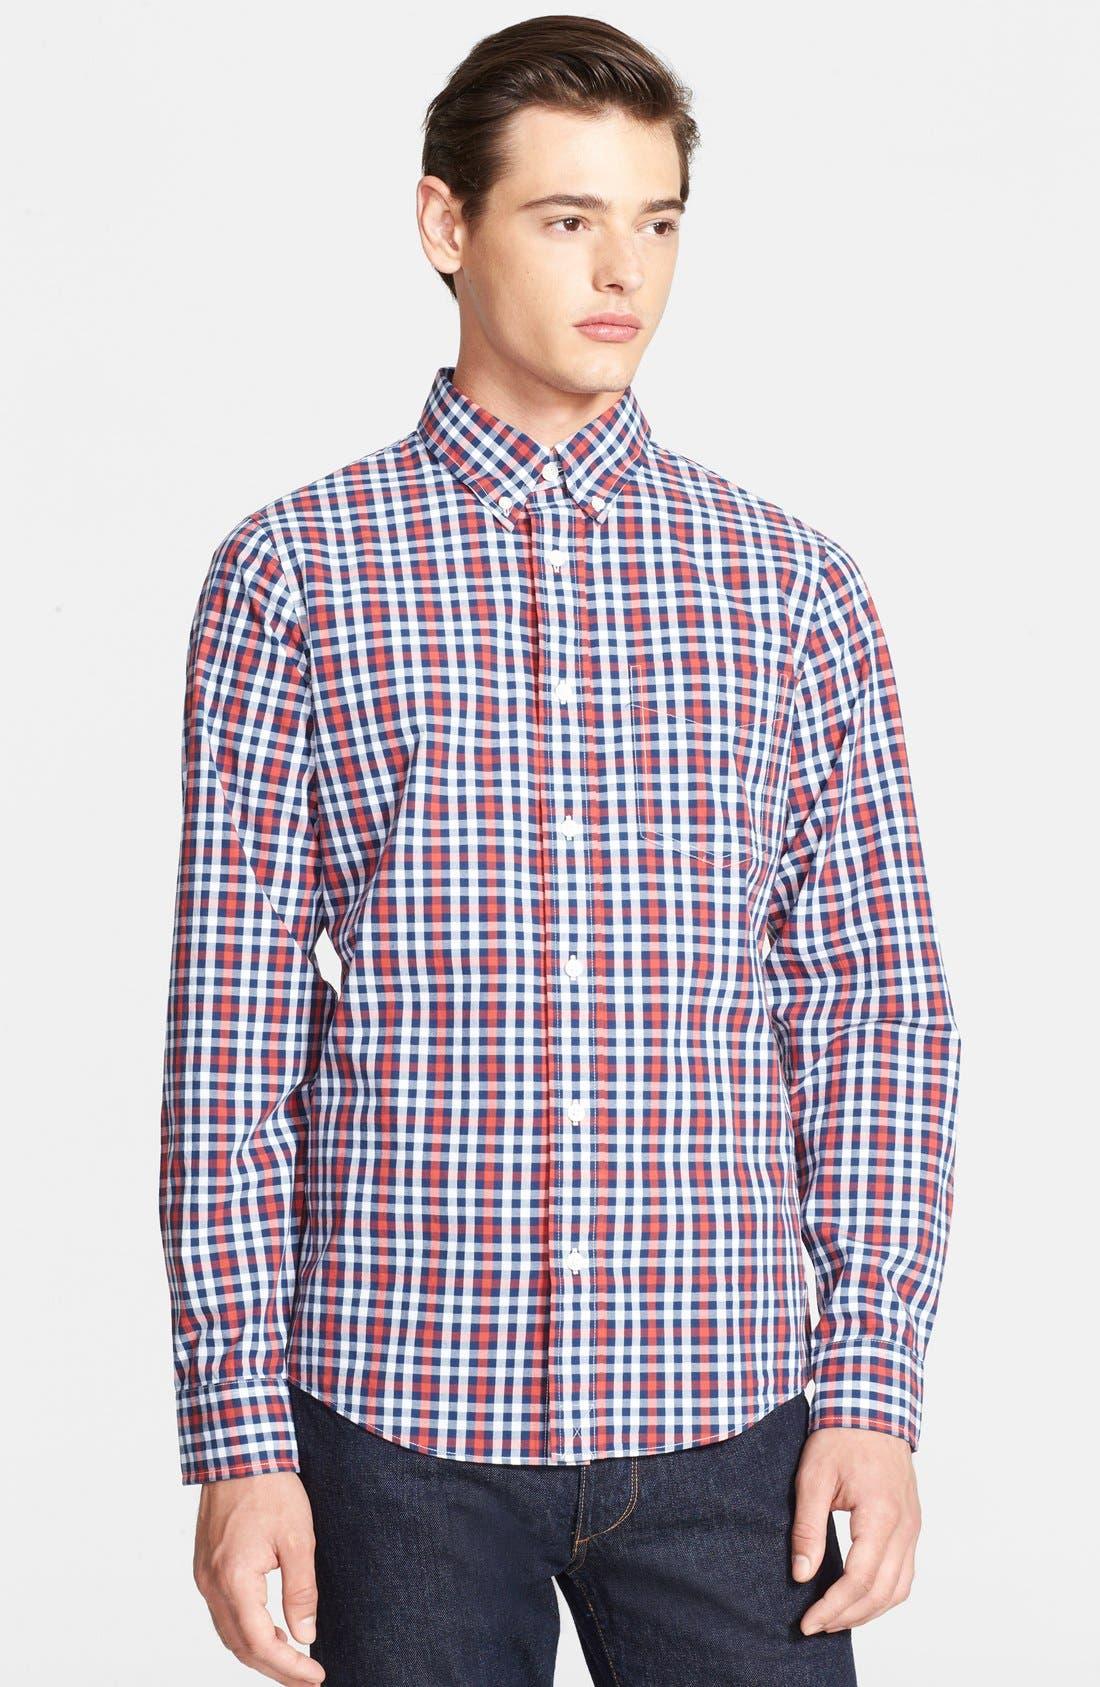 Main Image - Jack Spade 'Callahan' Check Woven Shirt